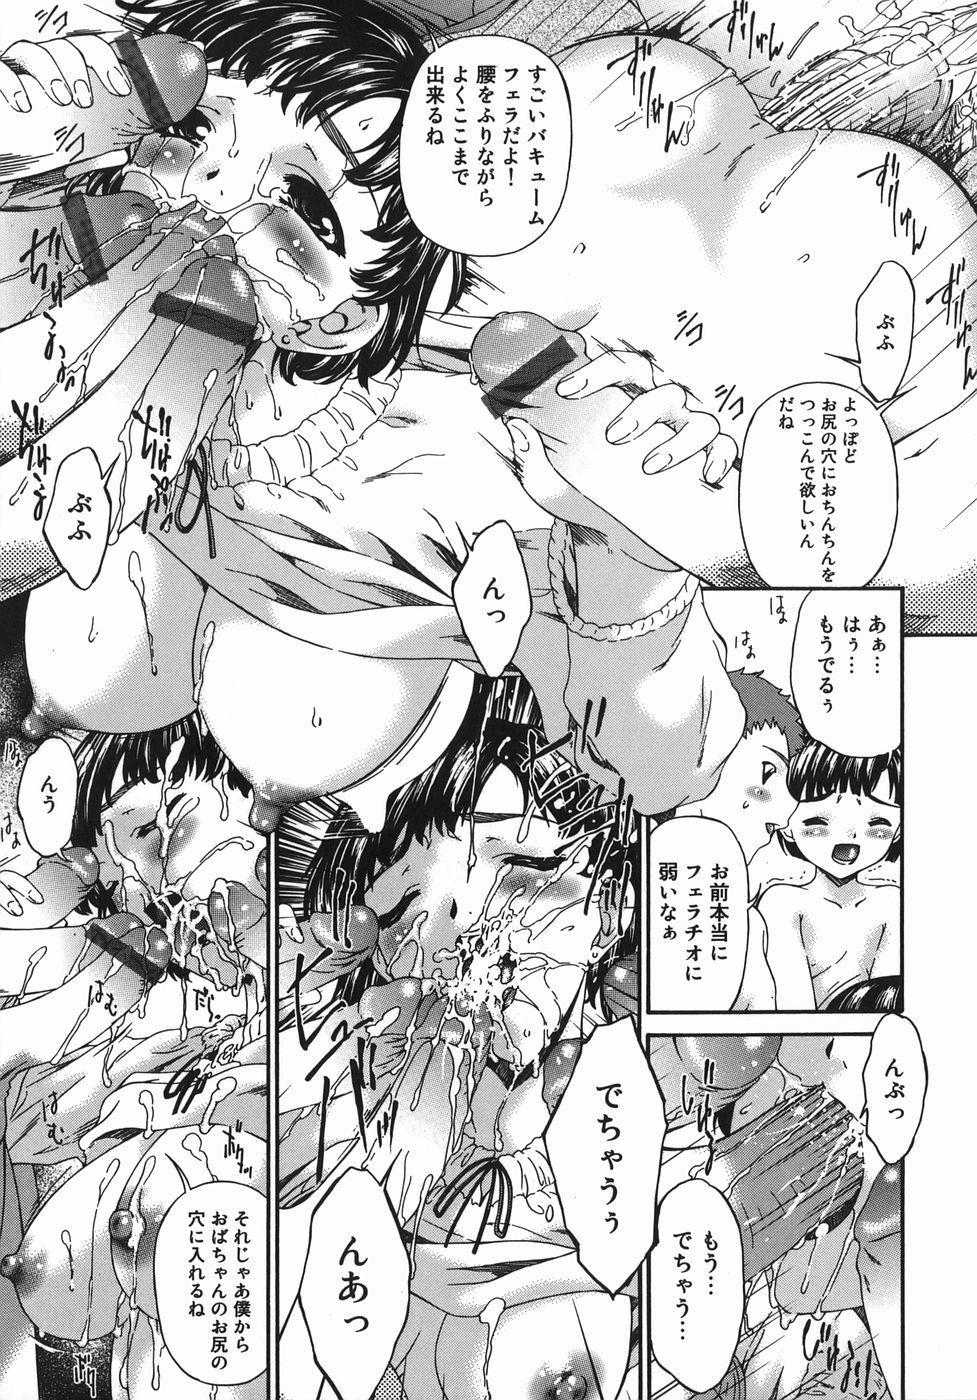 Hensachi ZERO kara no Seiteki Kyouiku 118